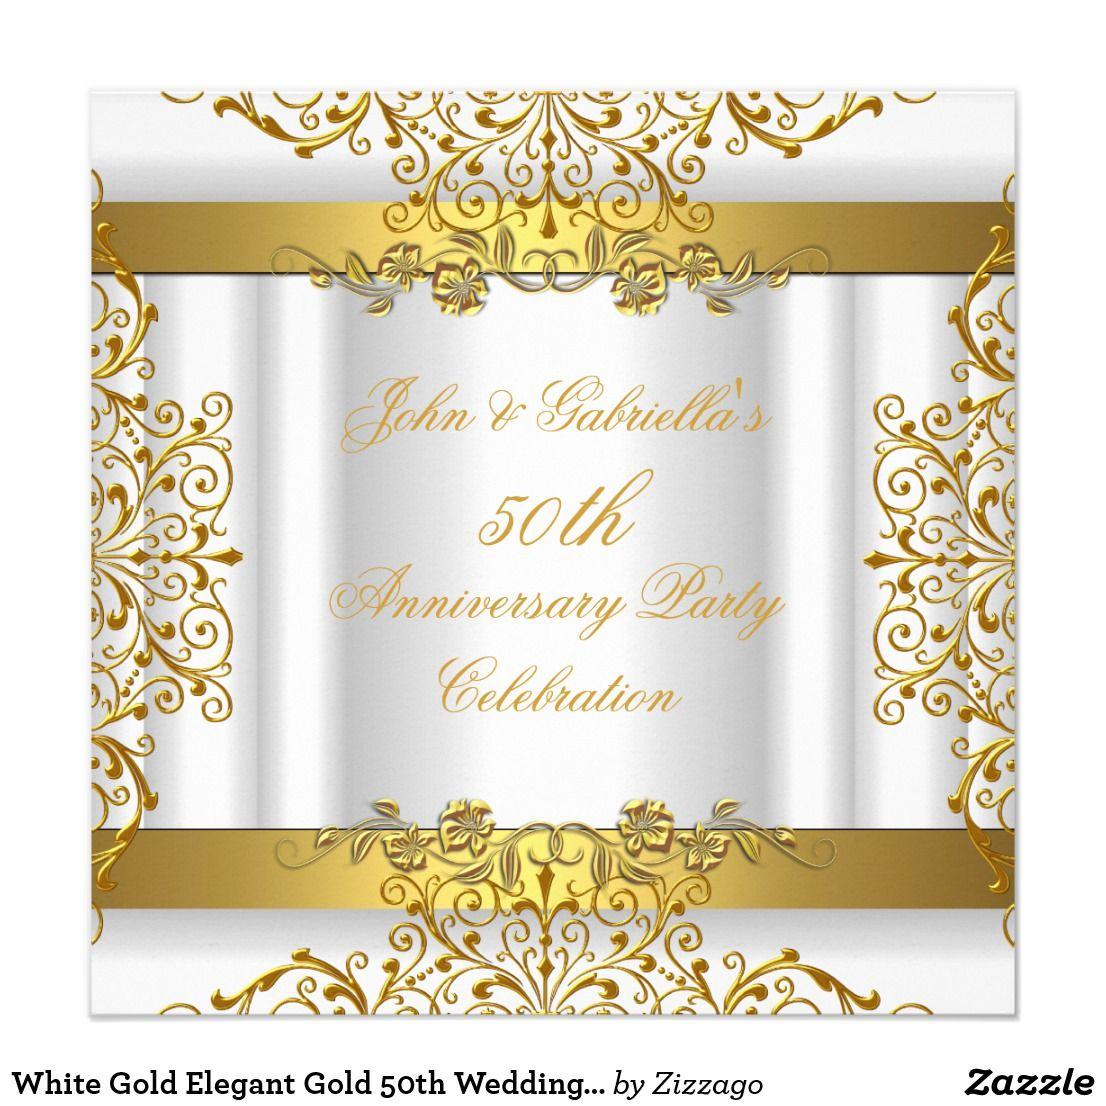 White Gold Elegant Gold 50th Wedding Anniversary Invitation